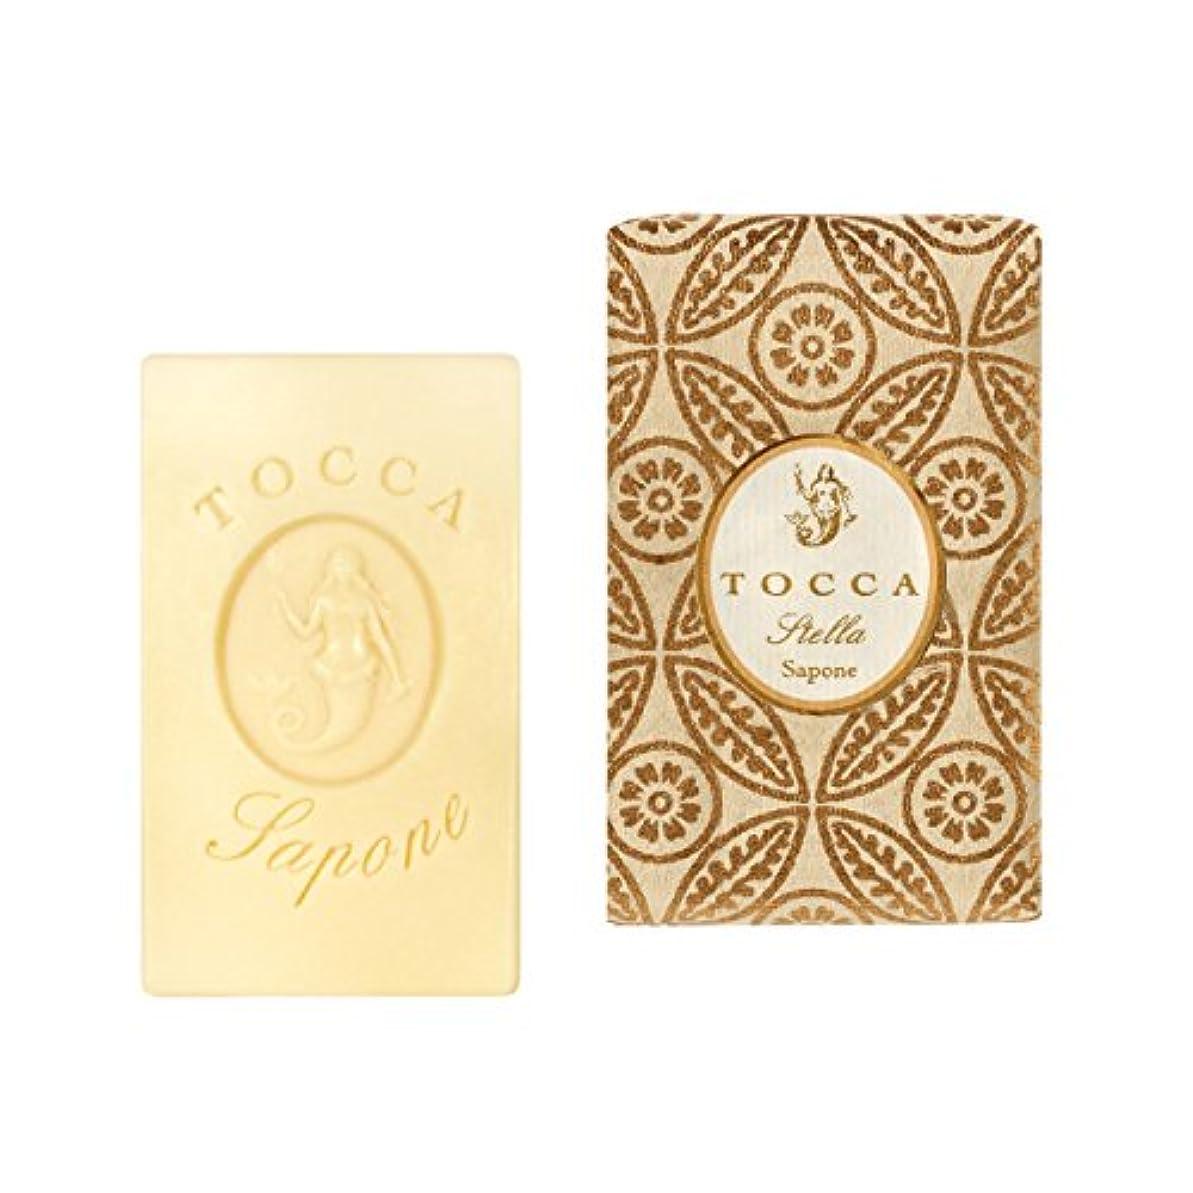 急行する緩やかなビットトッカ(TOCCA) ソープバー ステラの香り 113g(石けん 化粧石けん イタリアンブラッドオレンジが奏でるフレッシュでビターな爽やかさ漂う香り)